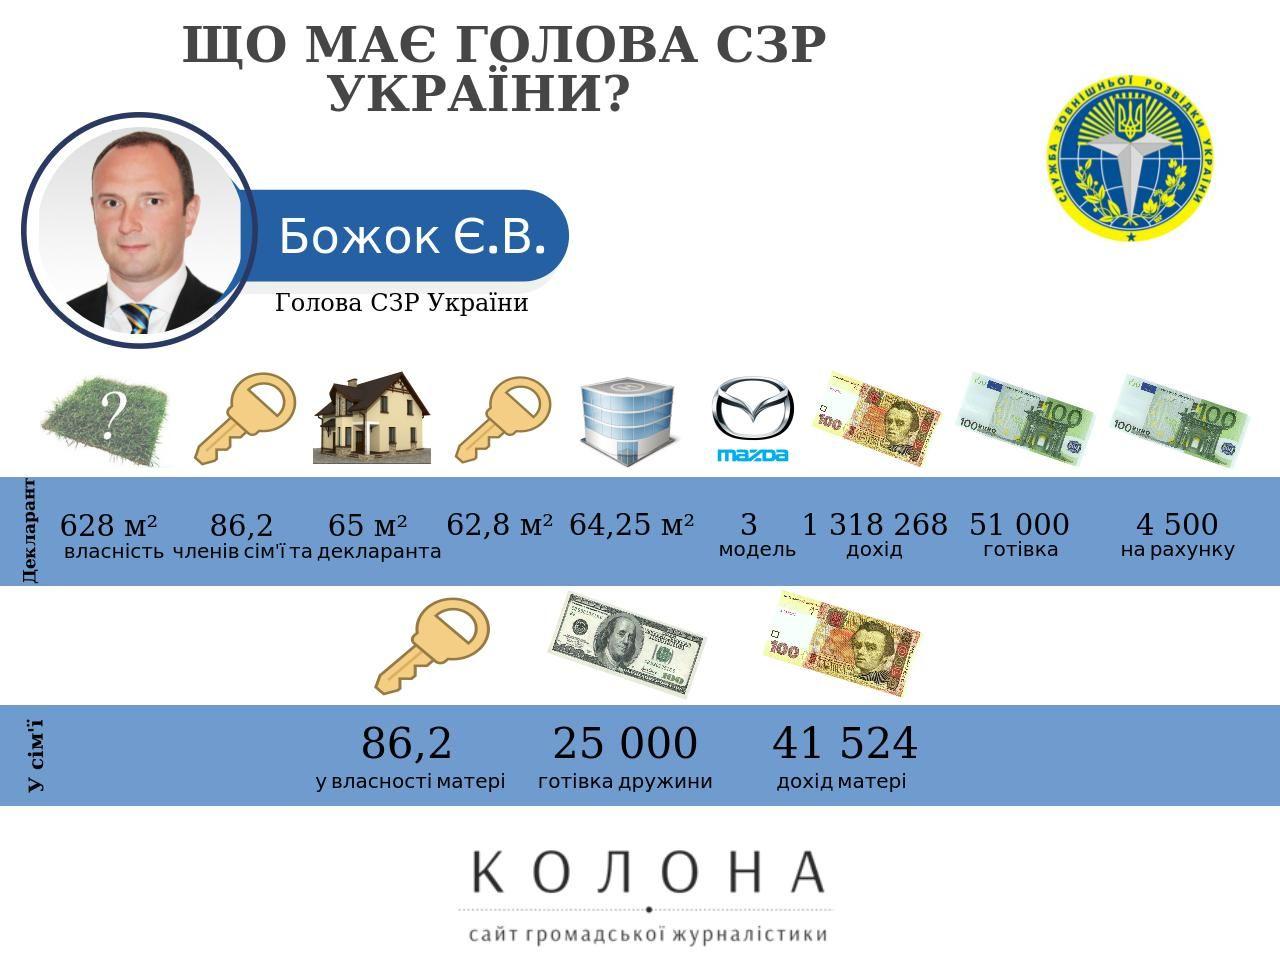 Декларація нового голови зовнішньої розвідки України